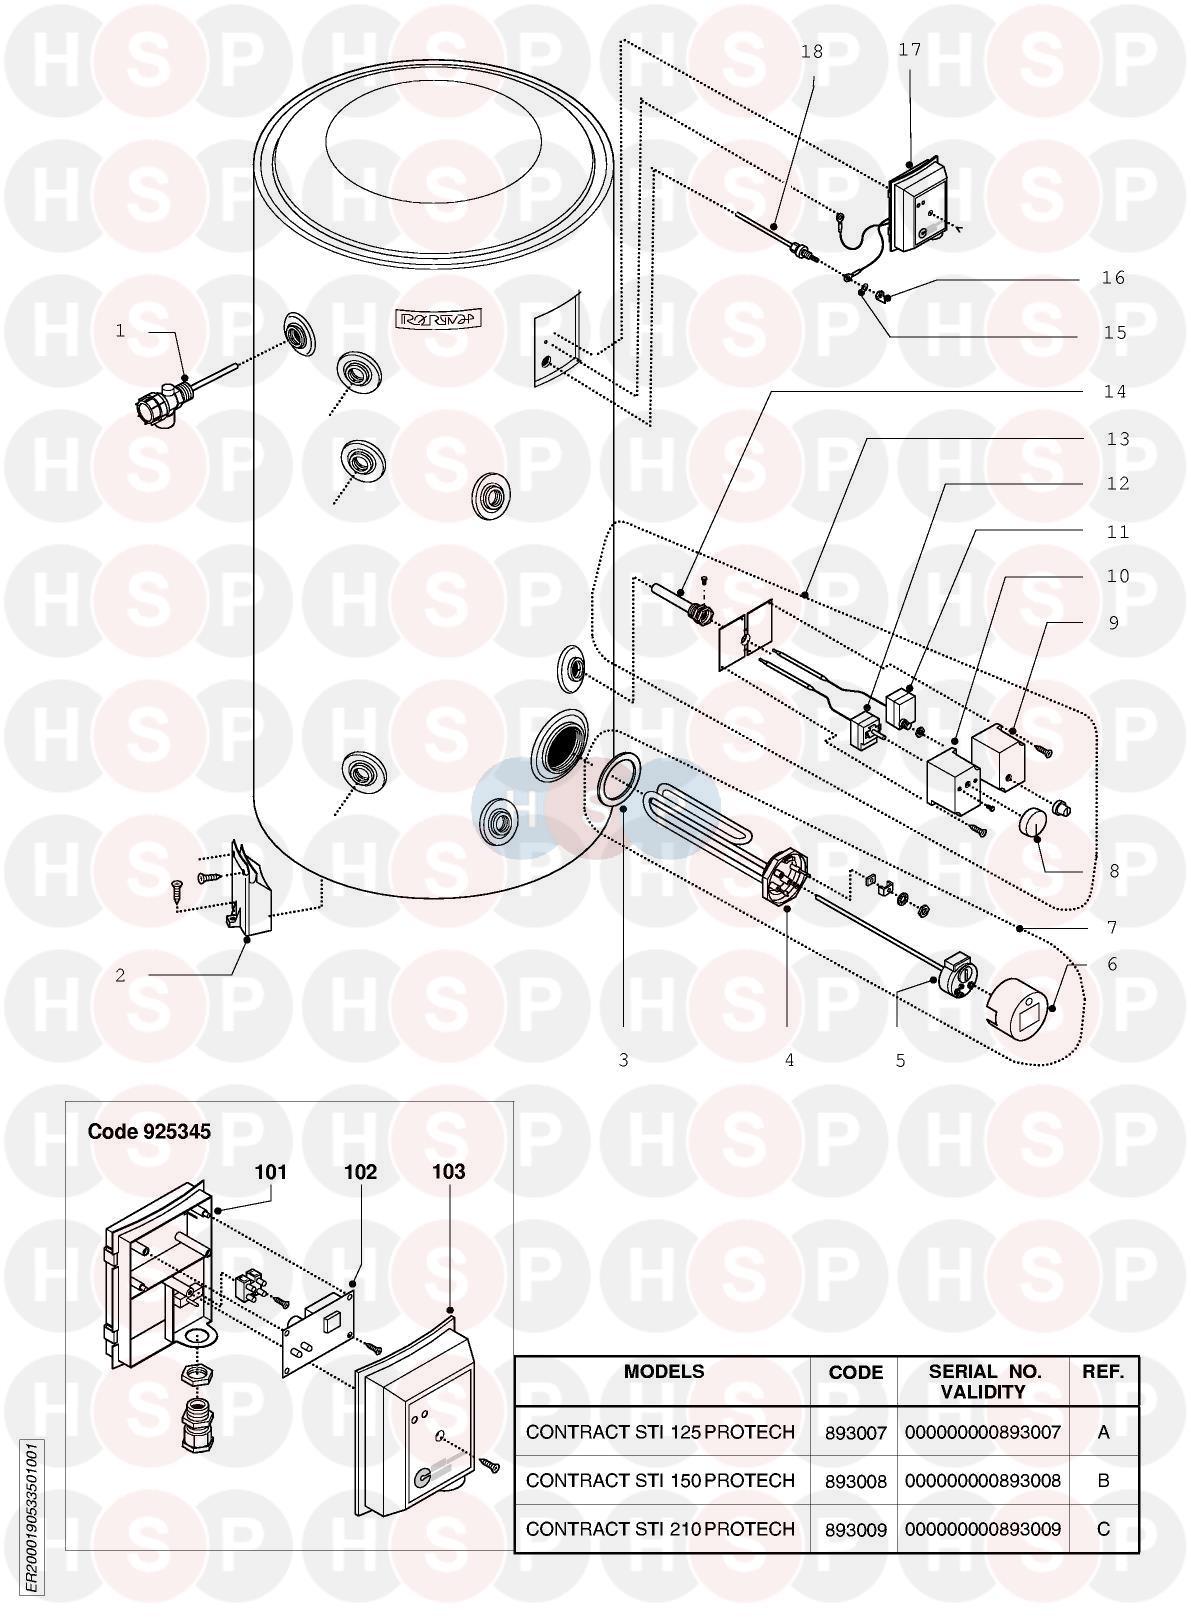 Ariston CONTRACT STI 210 PROTECH Appliance Diagram